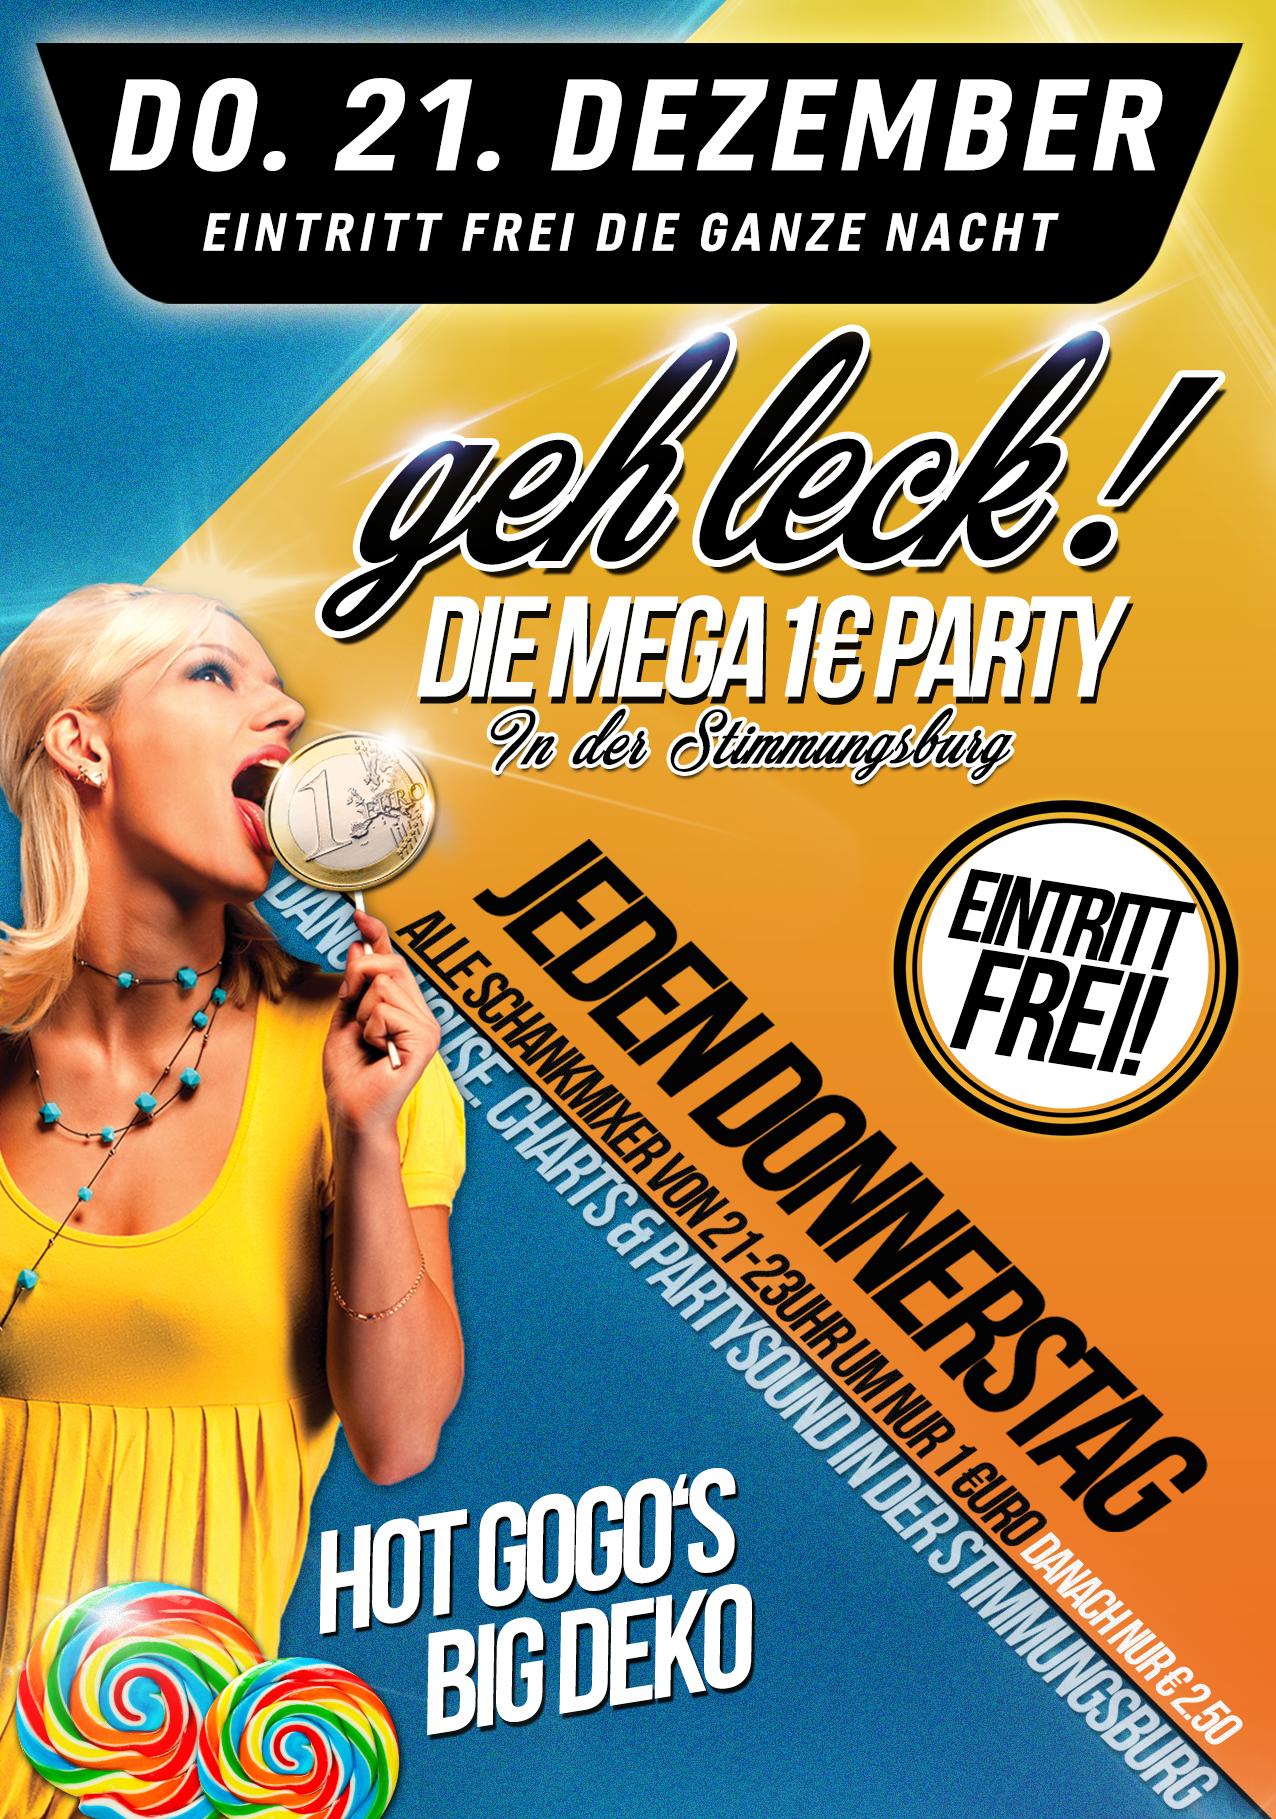 GEH LECK! Die Mega 1€ Party